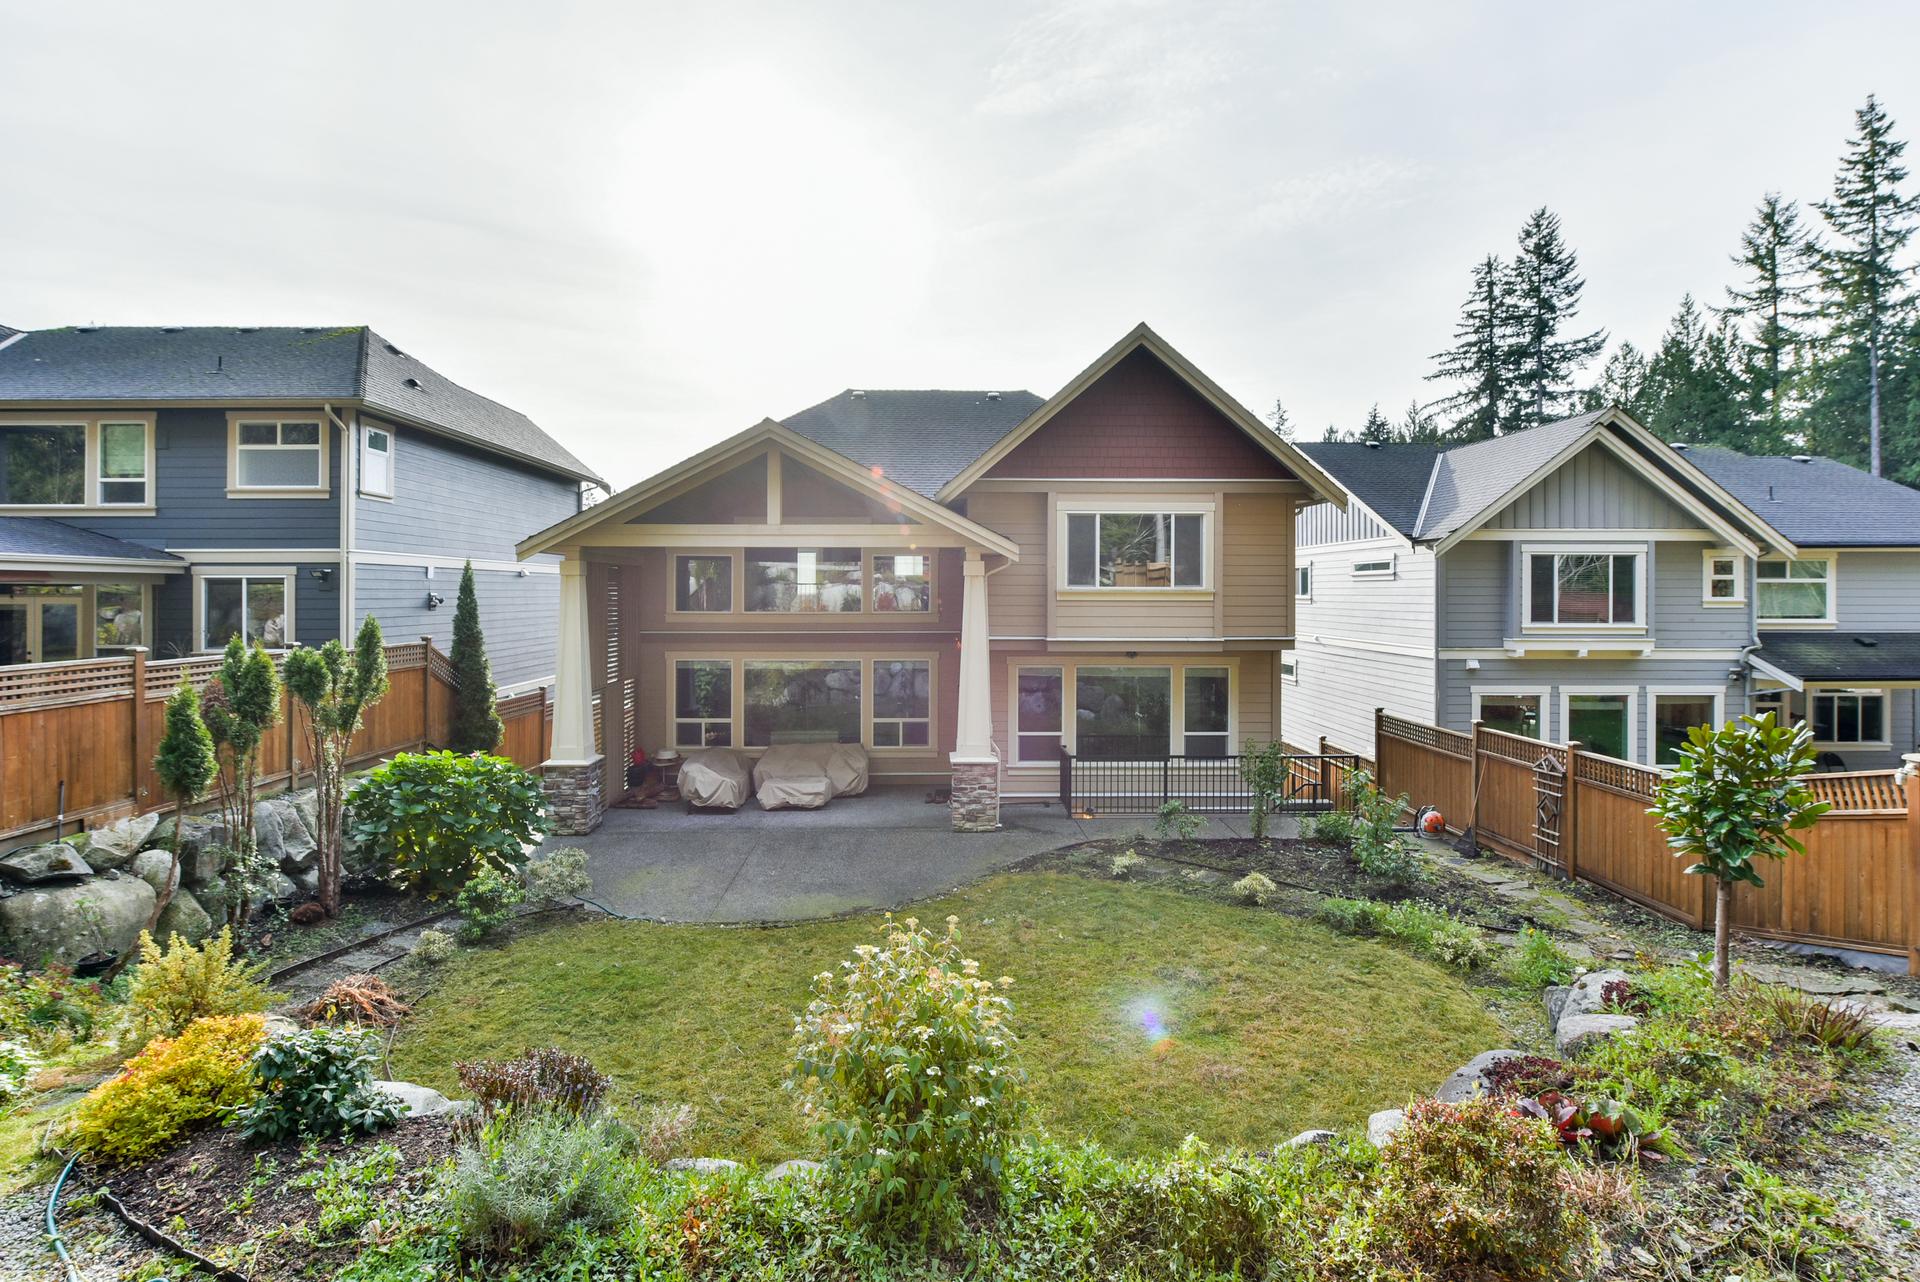 3355-scotch-pine-avenue-coquitlam-59 at 3355 Scotch Pine Avenue, Burke Mountain, Coquitlam